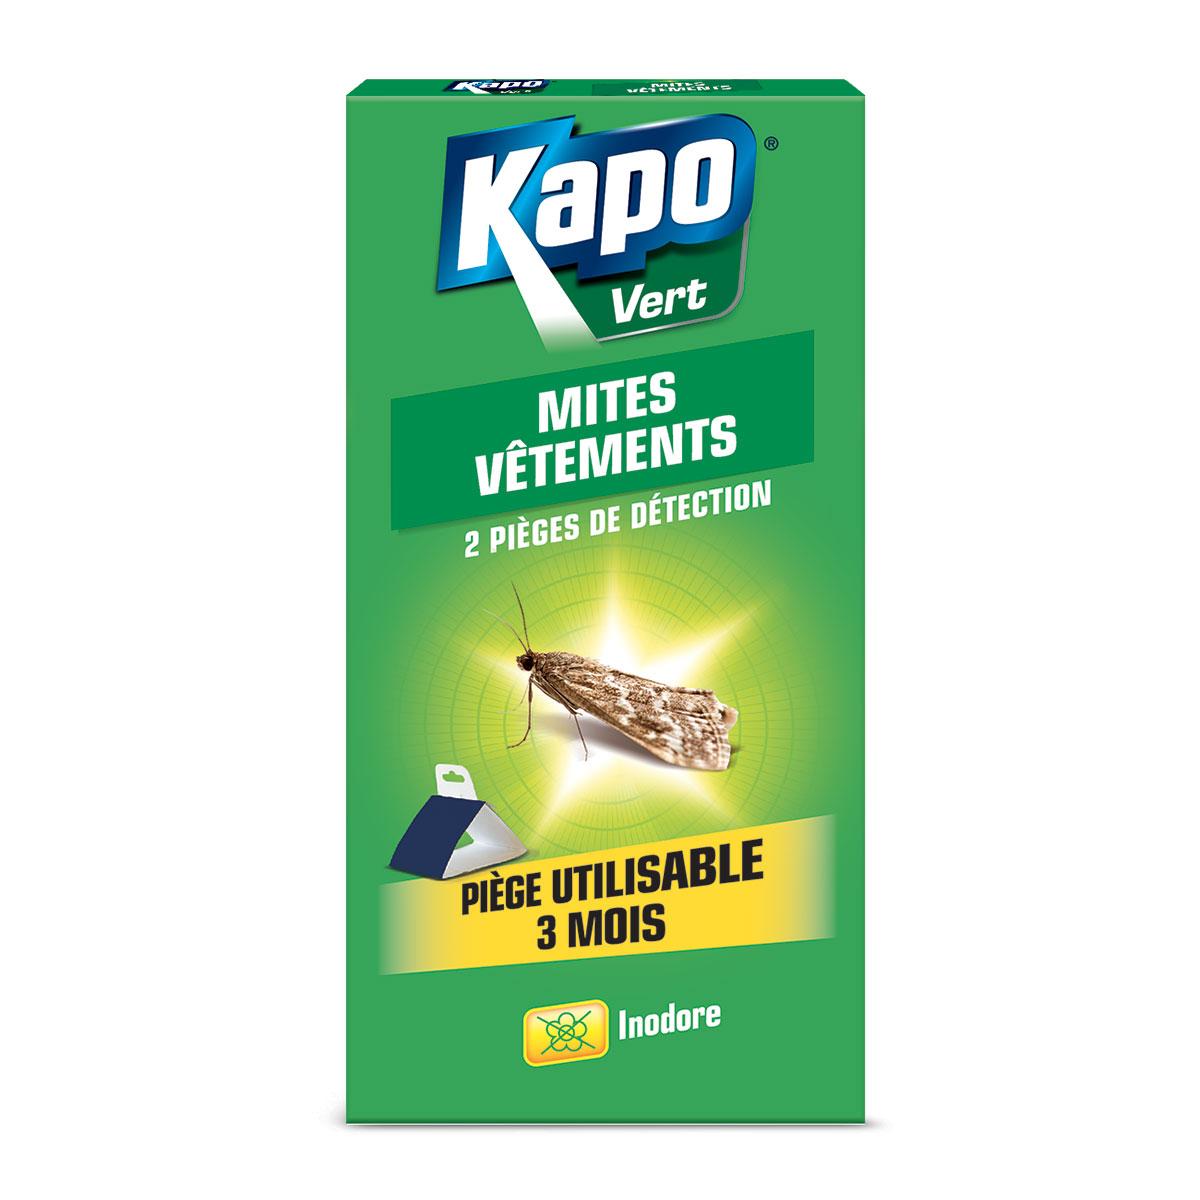 Comment Traiter Les Mites Dans Les Armoires pièges à mites des vêtements | insecticides kapo